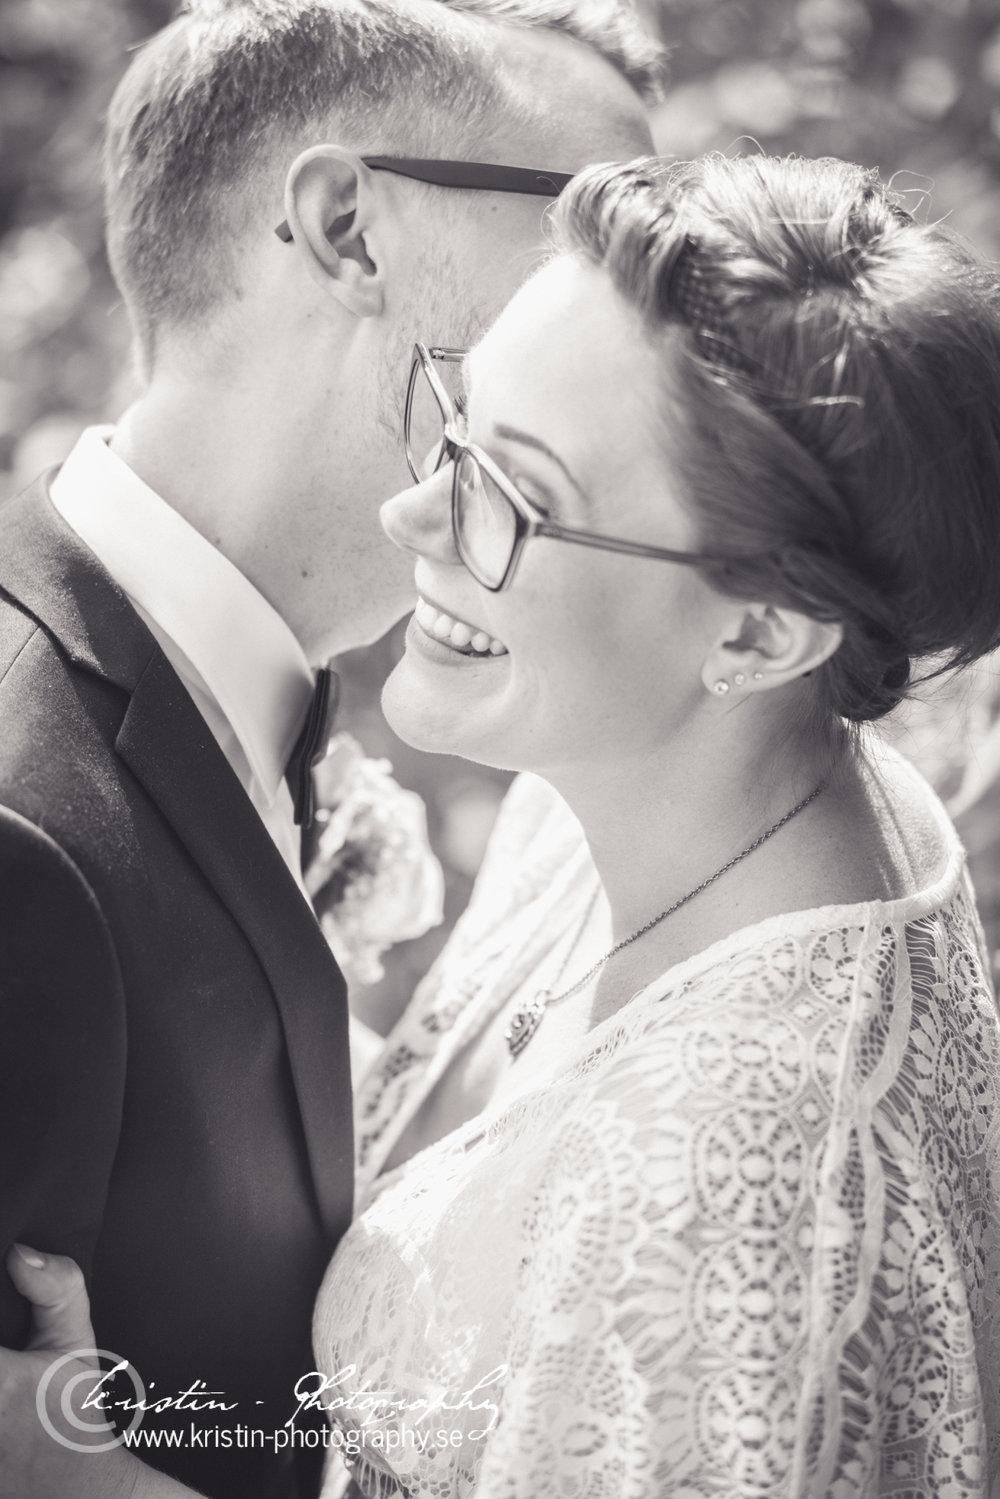 Bröllopsfotograf i Eskilstuna, Kristin - Photography, newborn-138.jpg